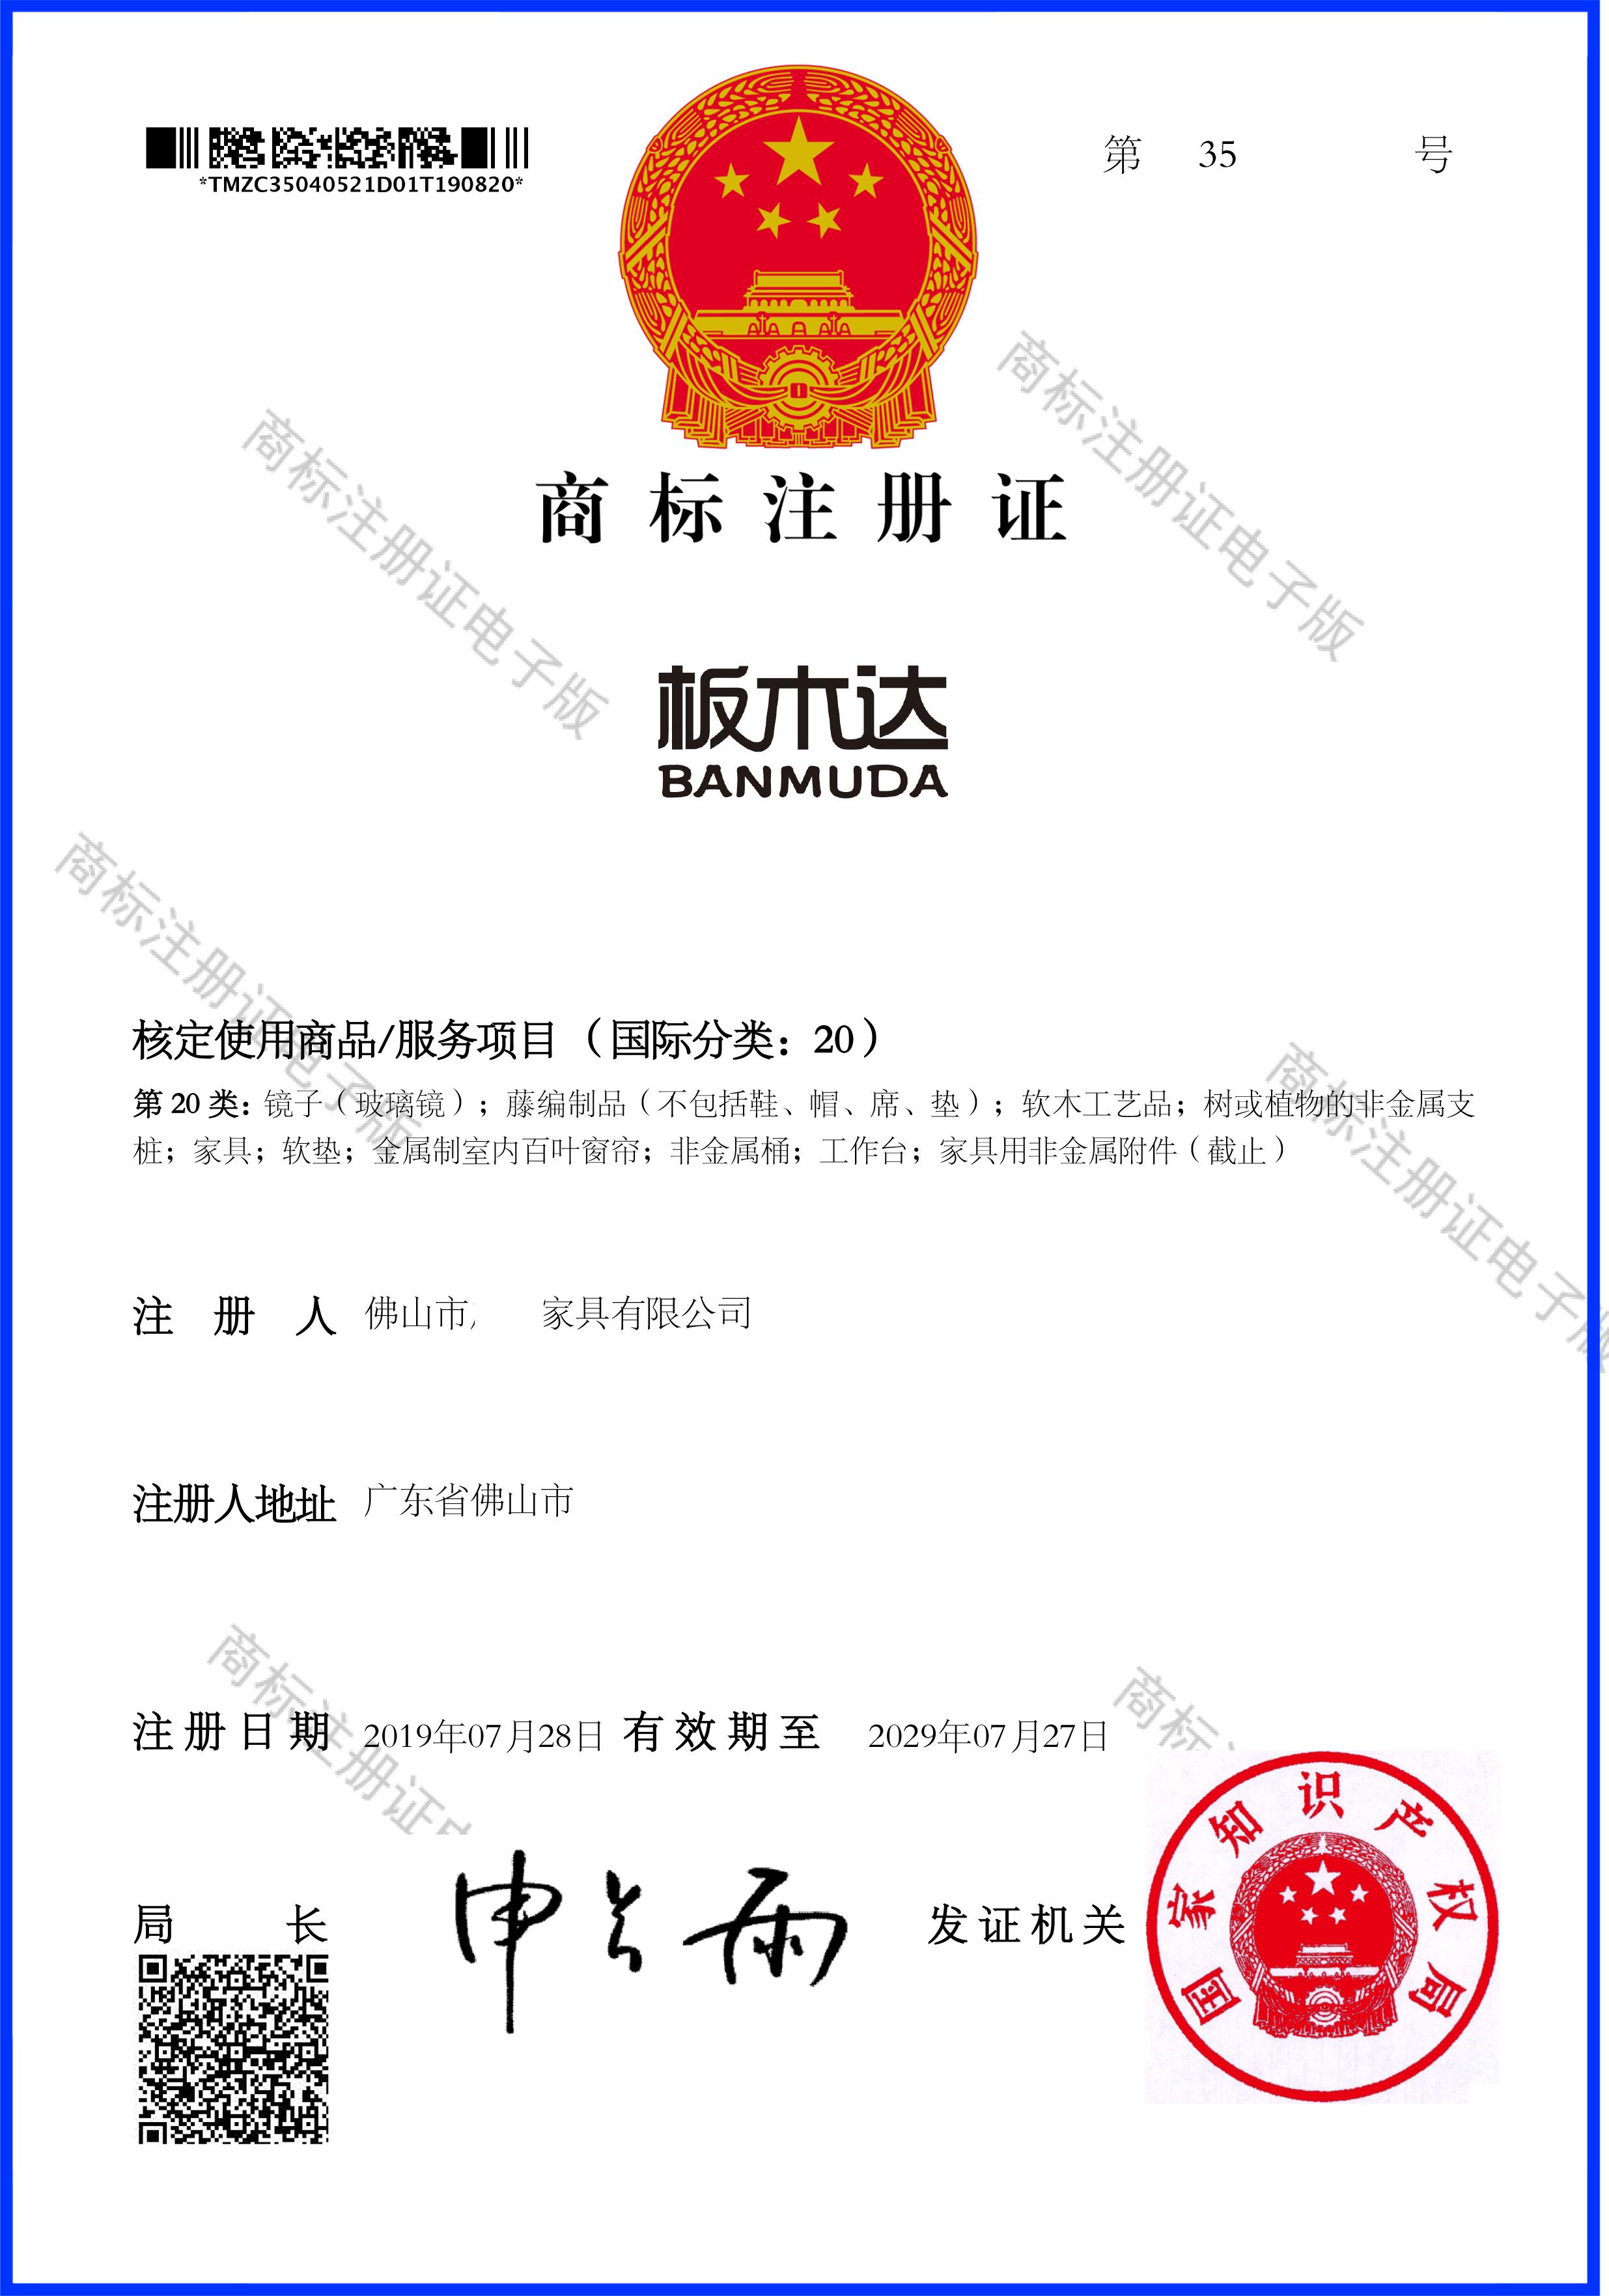 惠州仲恺高新区注册商标材料及流程周期